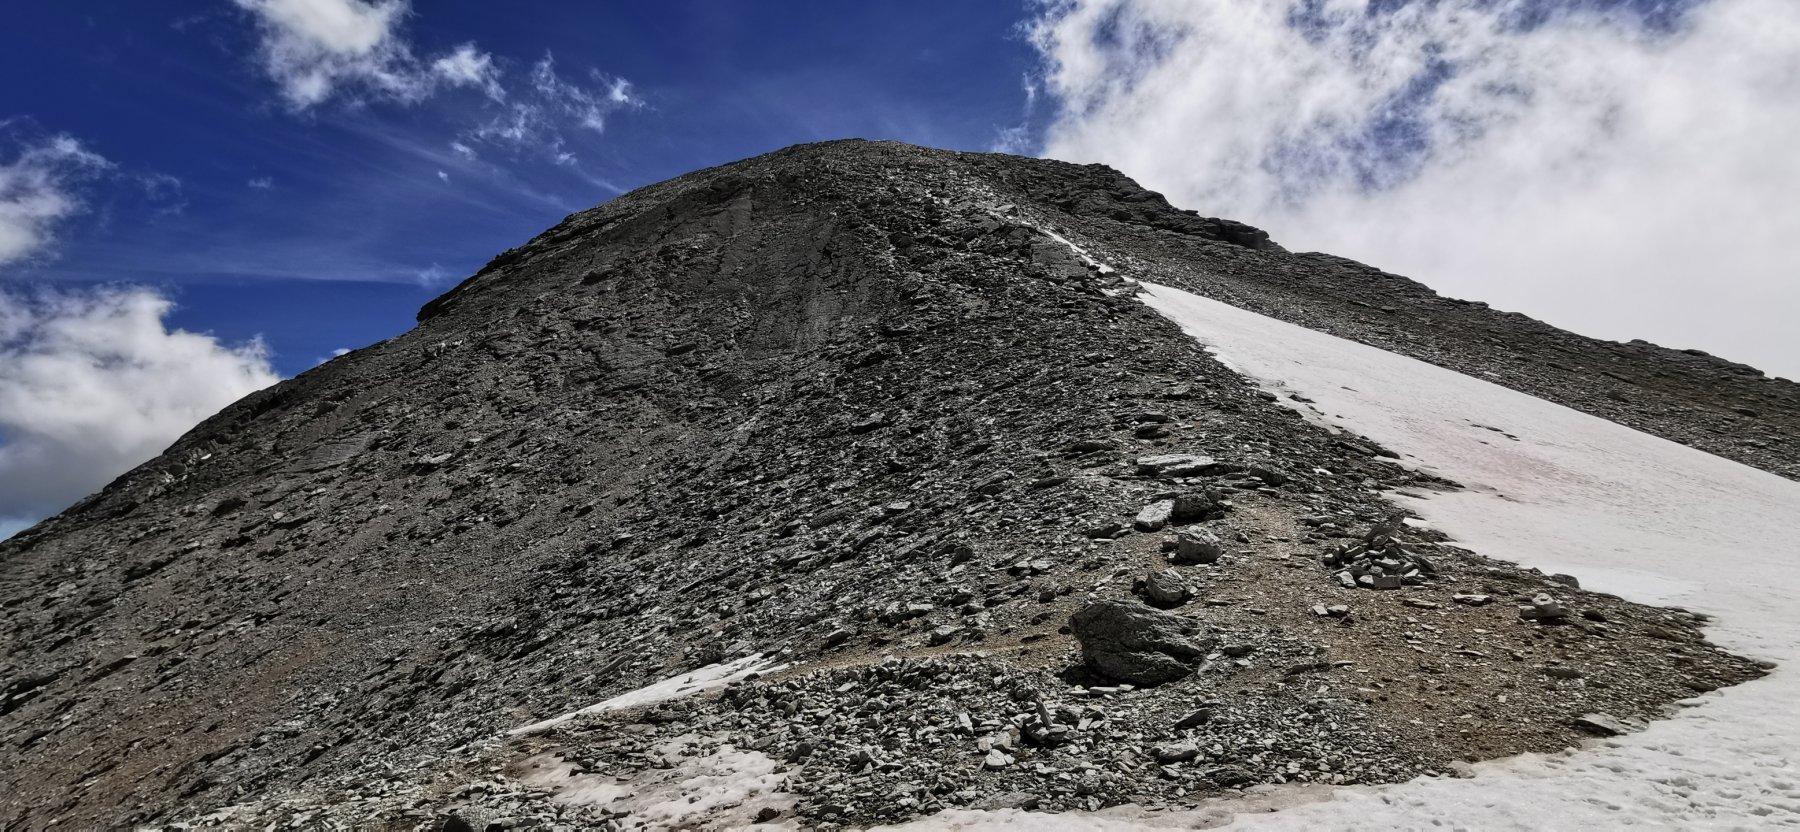 il facile crestone detritico da seguire per raggiungere la cima